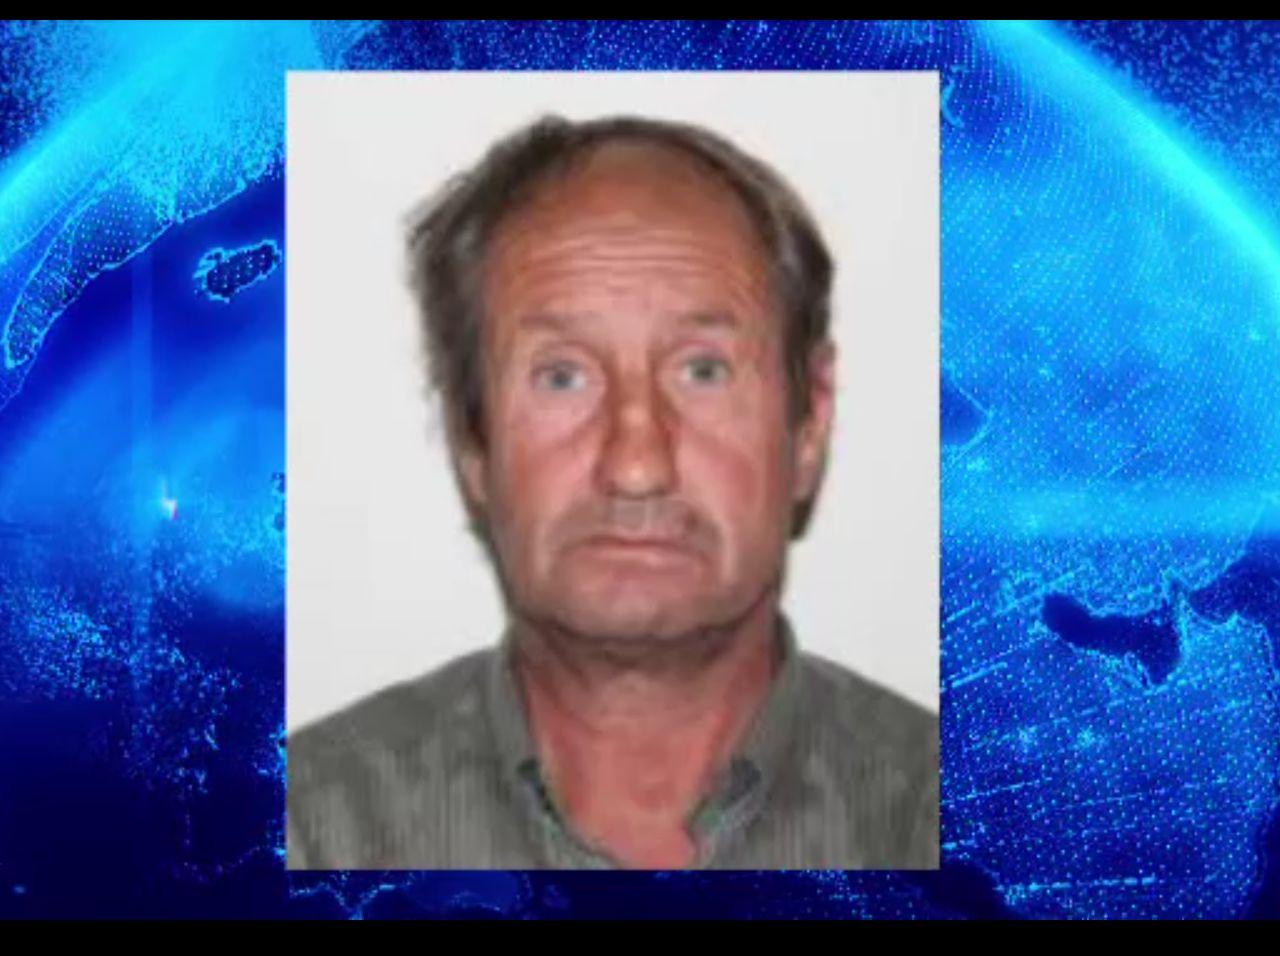 Un bărbat de 58 de ani din Bihor a dispărut de trei săptămâni. Azi este ziua lui